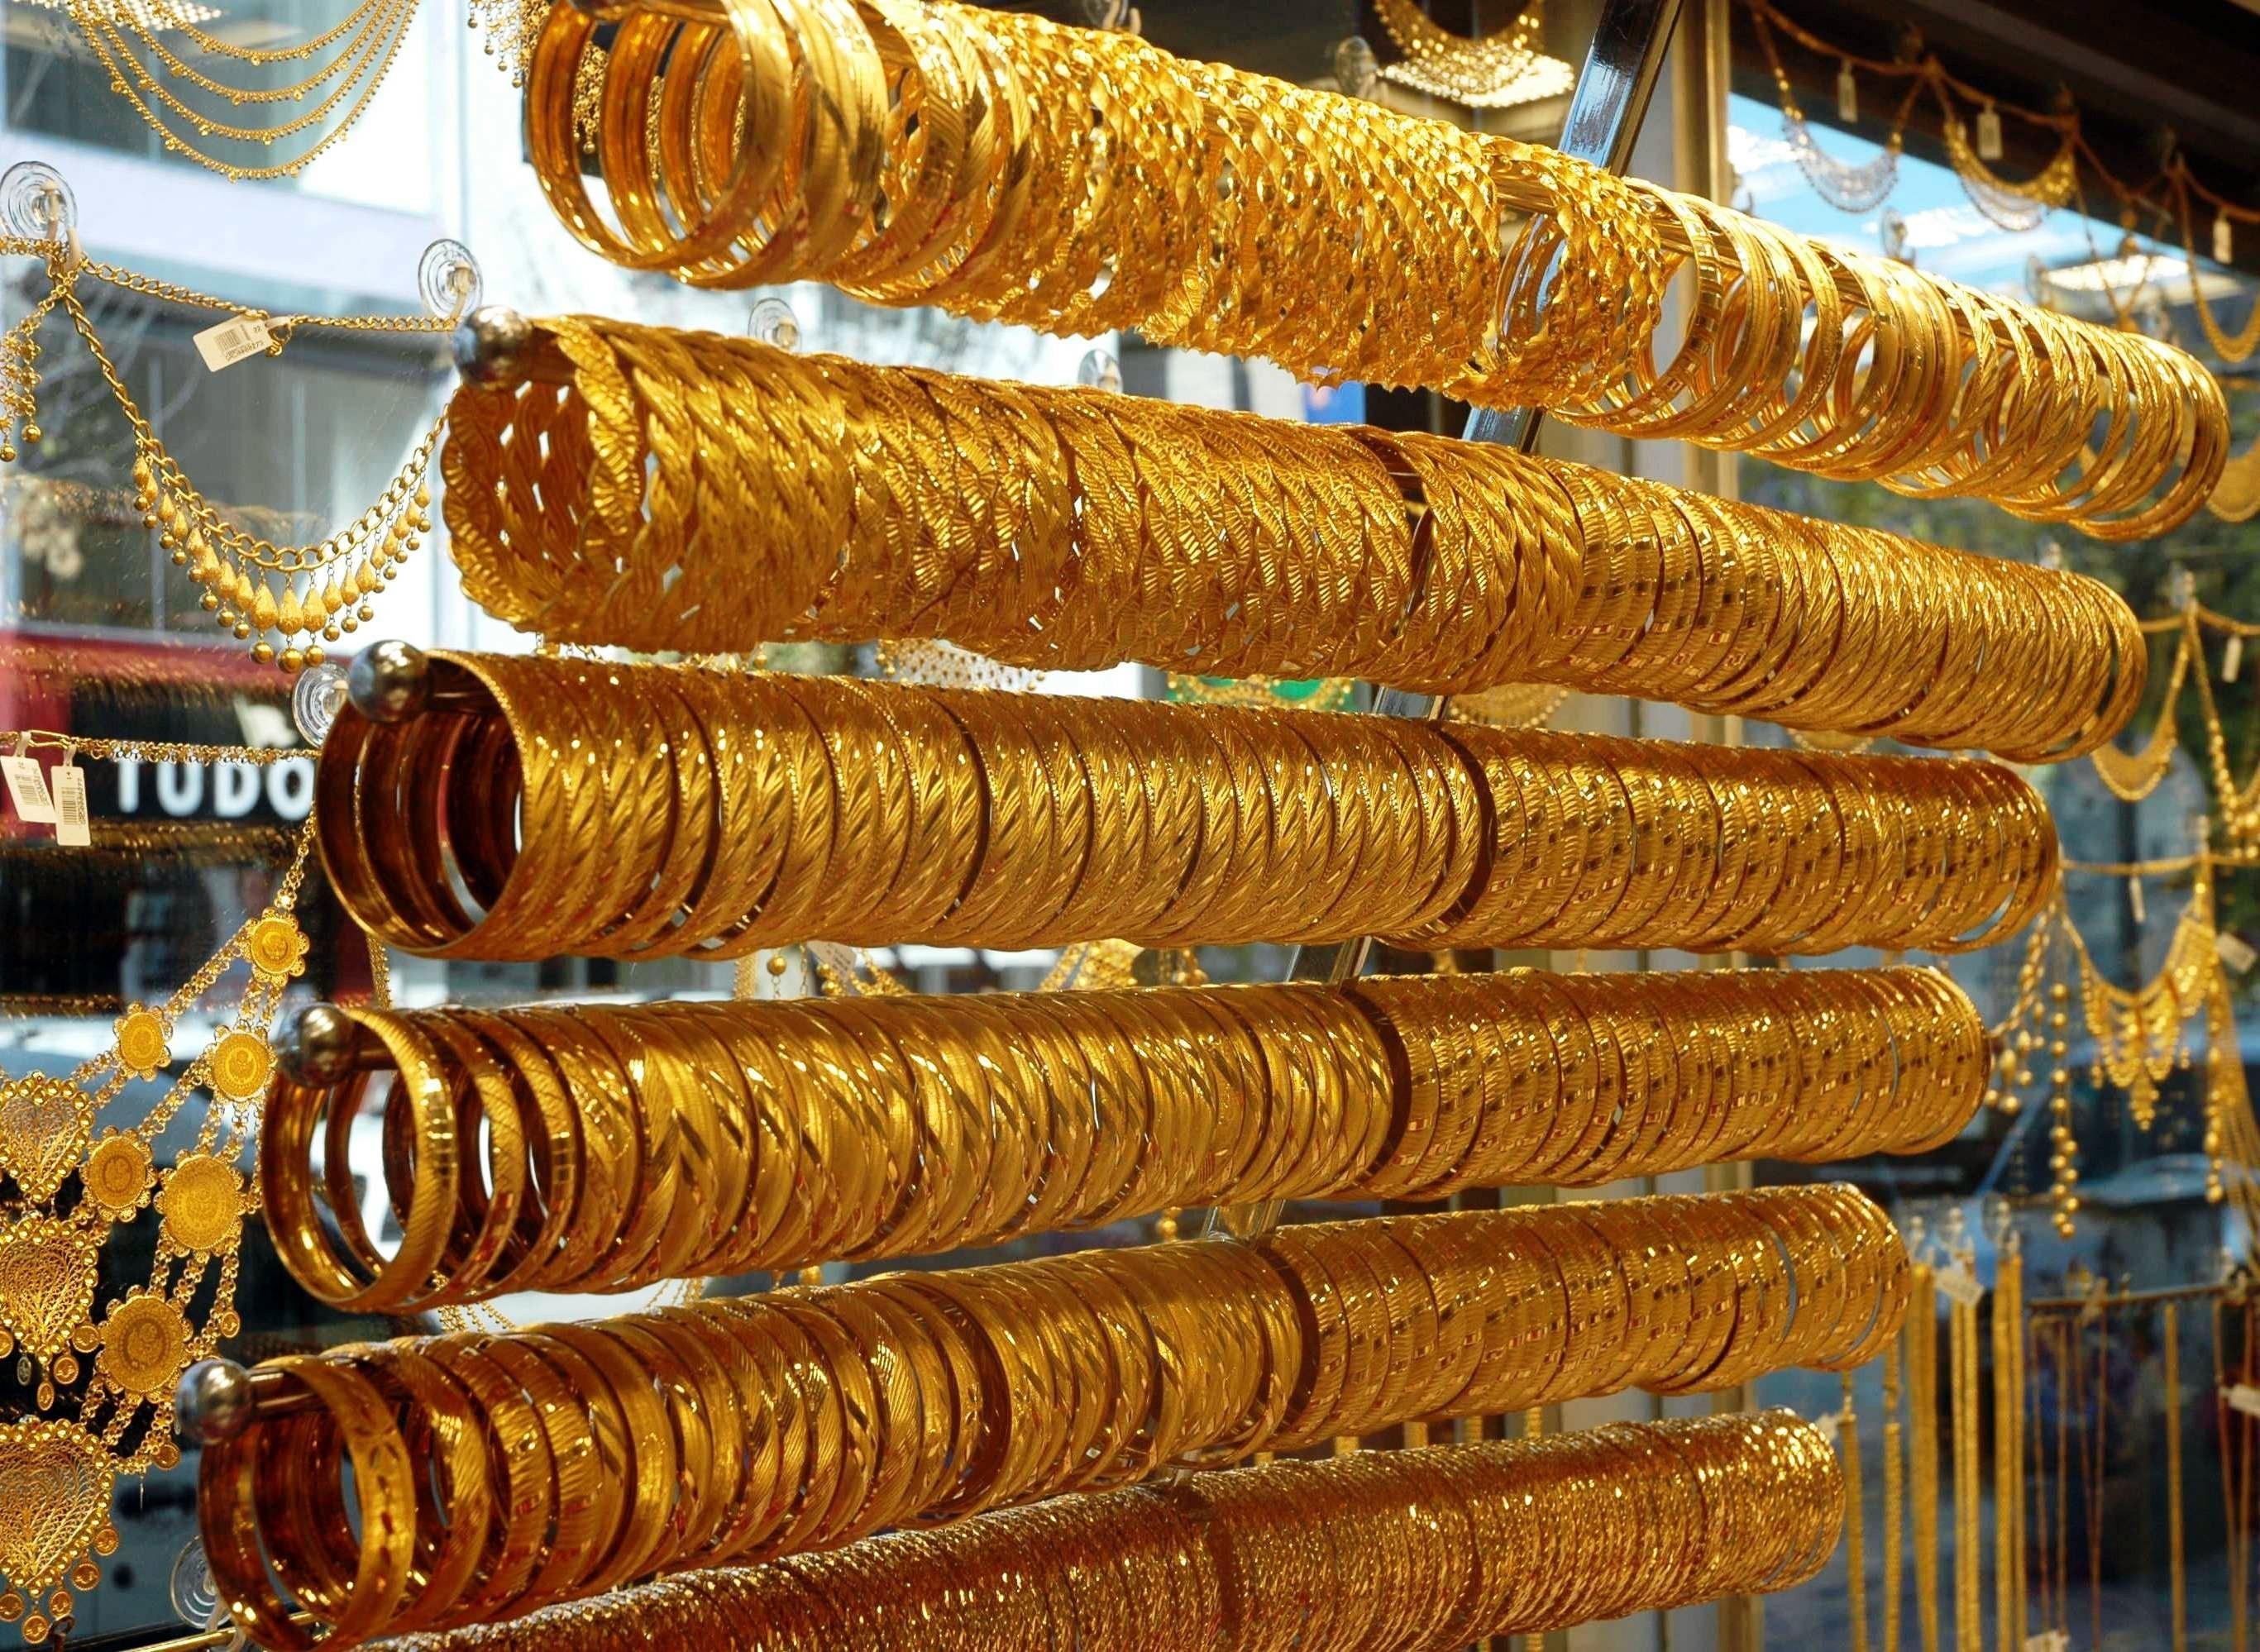 <p>Serbest piyasada 24 ayar külçe altının gram satış fiyatı 462,70 lira oldu.<br /><br /></p> <p>İstanbul Kapalıçarşı'da 462,50 liradan alınan 24 Ayar Külçe Altın (Gr.) 462,70 liradan, 3 bin 48 liradan alınan Cumhuriyet Ata Lira 3 bin 69 liradan, 422 liradan alınan 22 Ayar Bilezik (Gr.) 426 liradan, 2 bin 979 liradan alınan Lira (Tam) Ziynet 2 bin 999 liradan, bin 489 liradan alınan Yarım Ziynet bin 499 liradan ve 745 liradan alınan Çeyrek Ziynet 750 liradan satılıyor.</p>